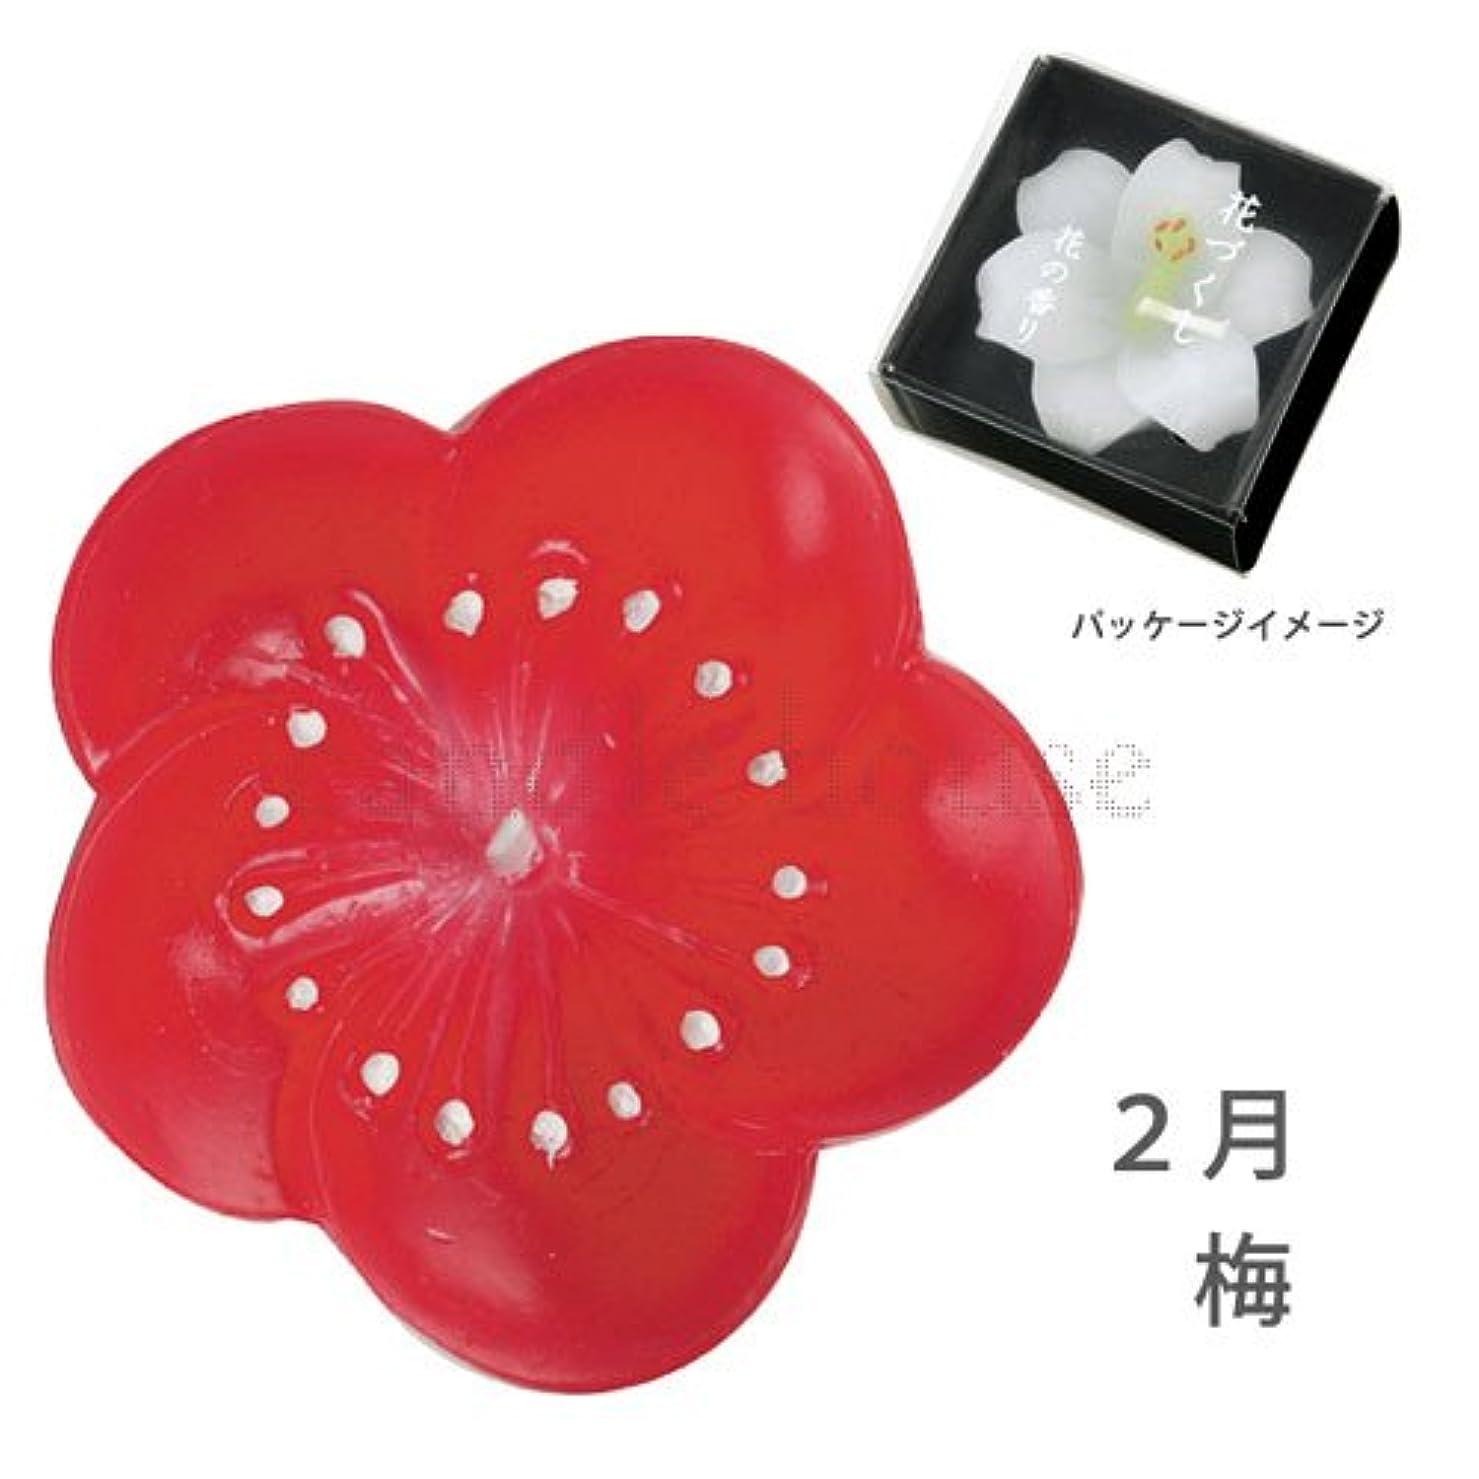 ディプロマピニオン数カメヤマキャンドル 花づくし(梅)